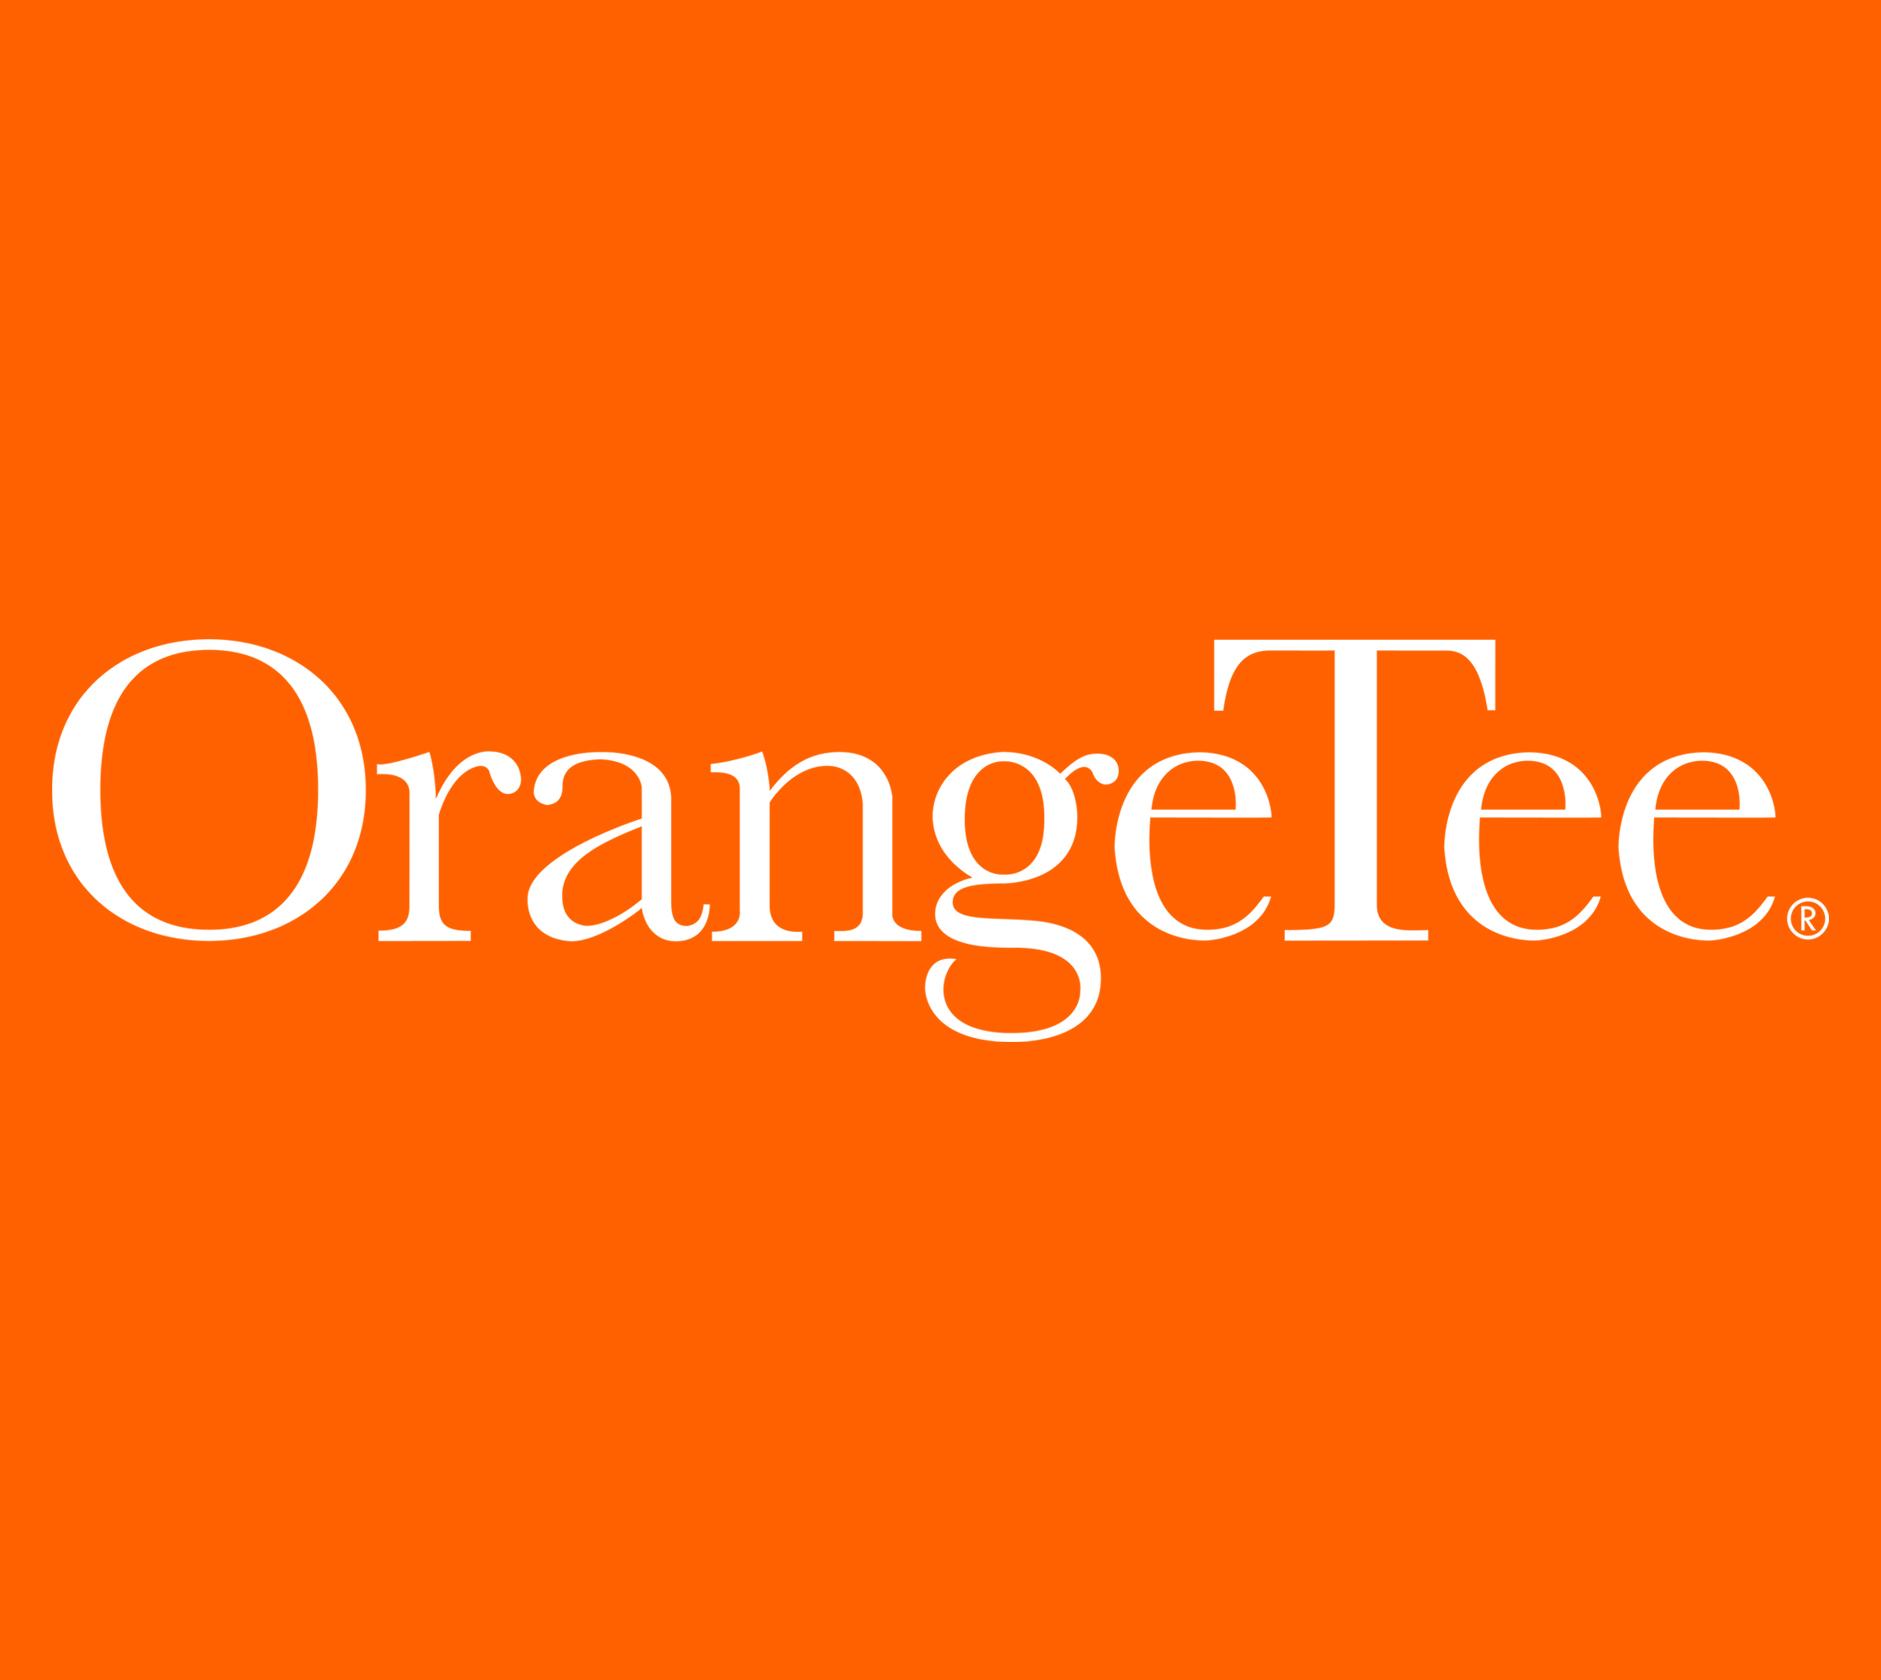 ORANGETEE.COM PTE LTD